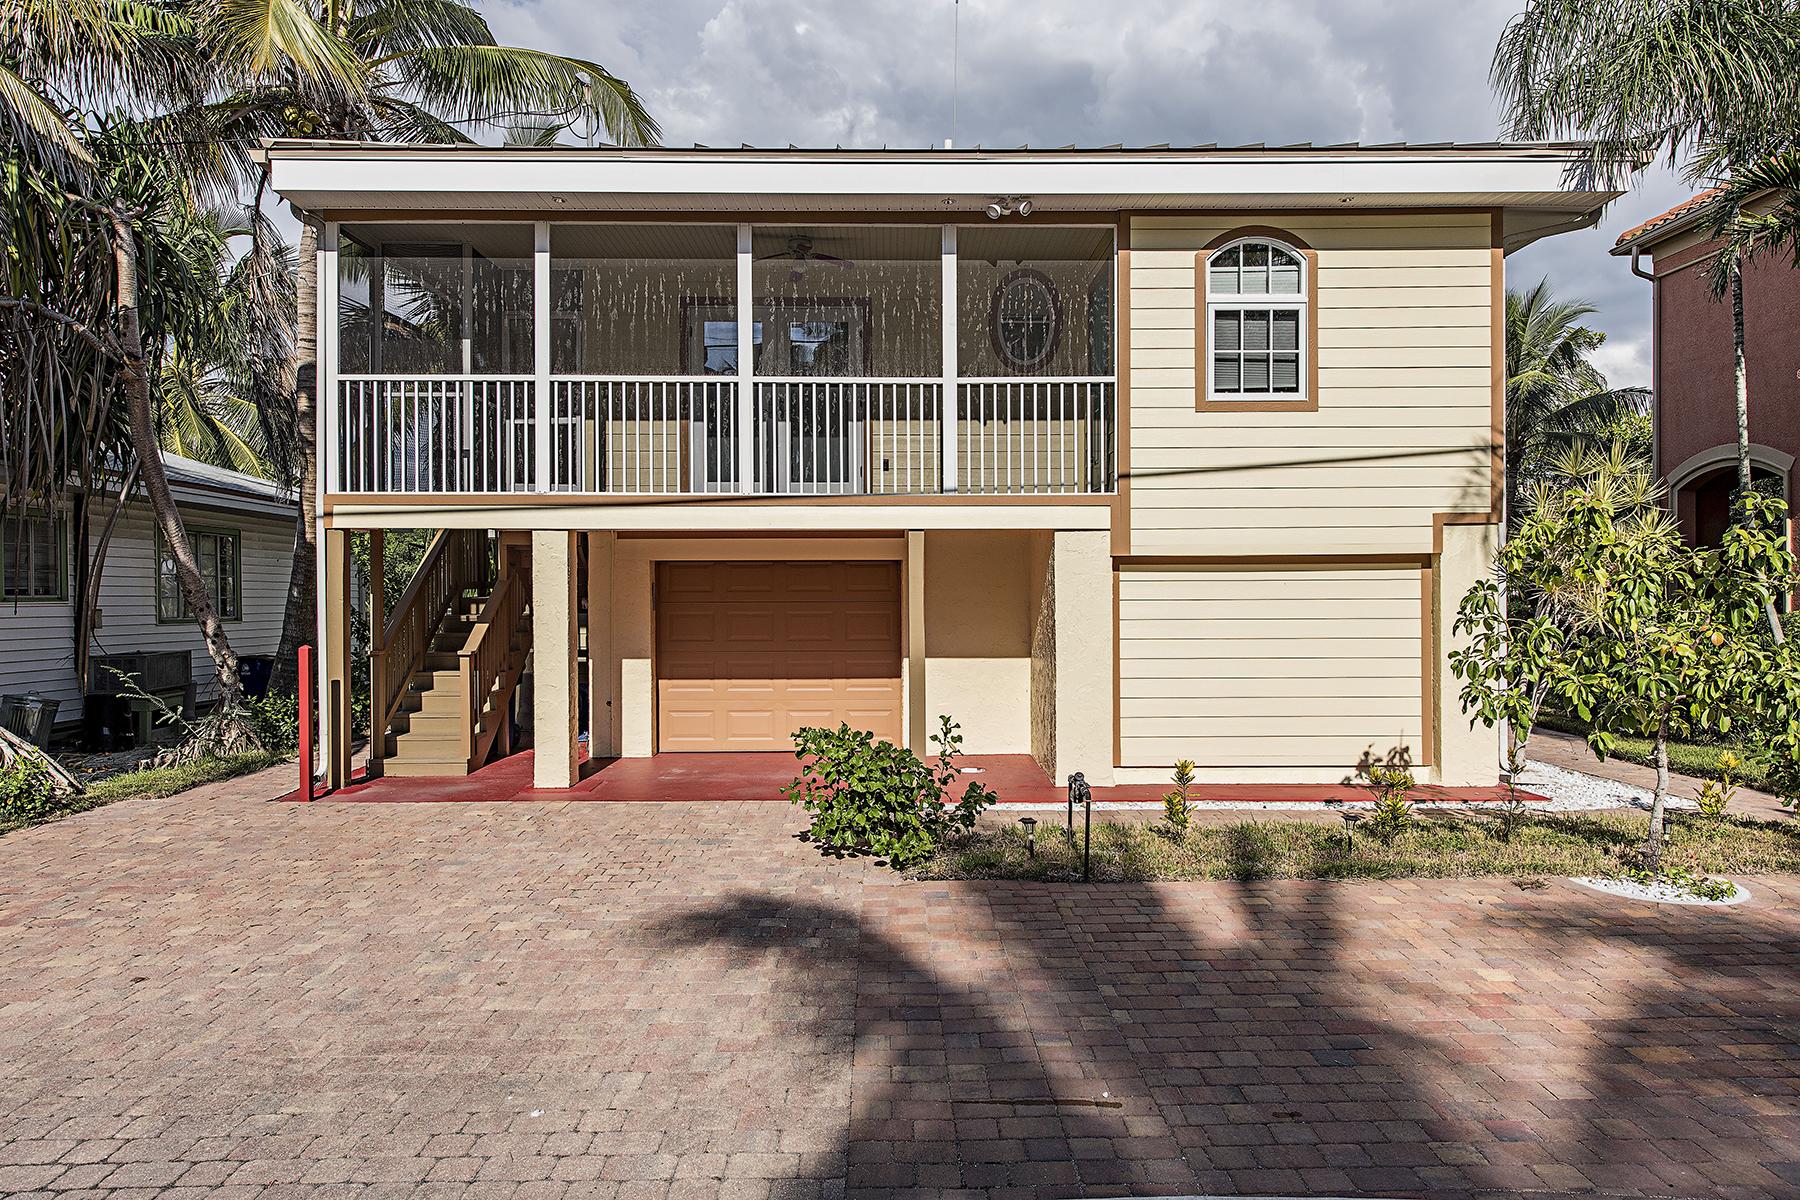 Einfamilienhaus für Verkauf beim Bonita Springs 26867 Hickory Blvd Bonita Springs, Florida, 34134 Vereinigte Staaten